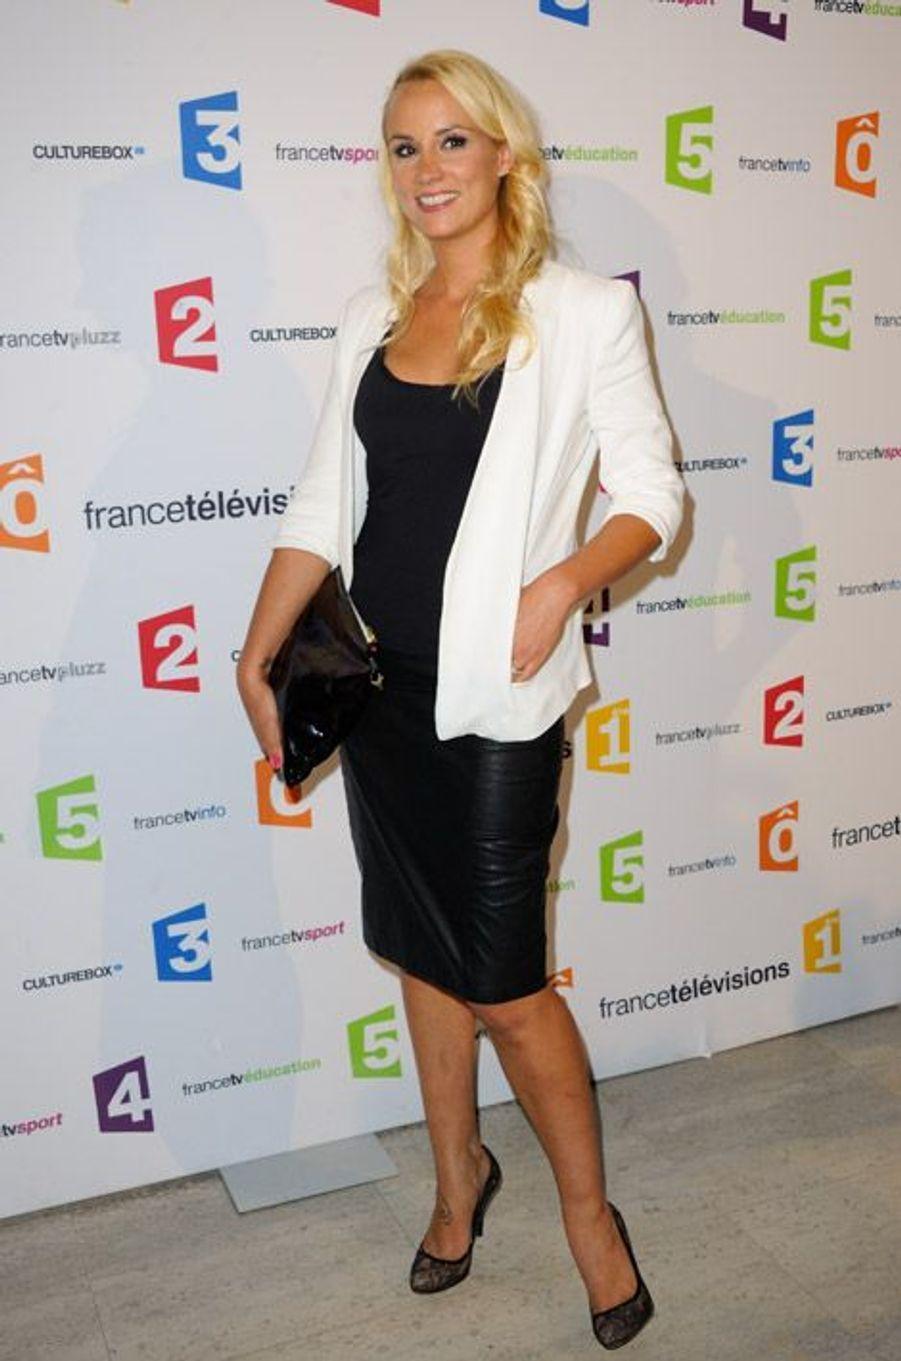 L'ex-Miss France, Elodie Gossuin, lors de la conférence de rentrée de France Télévisions à Paris, le 29 août 2014